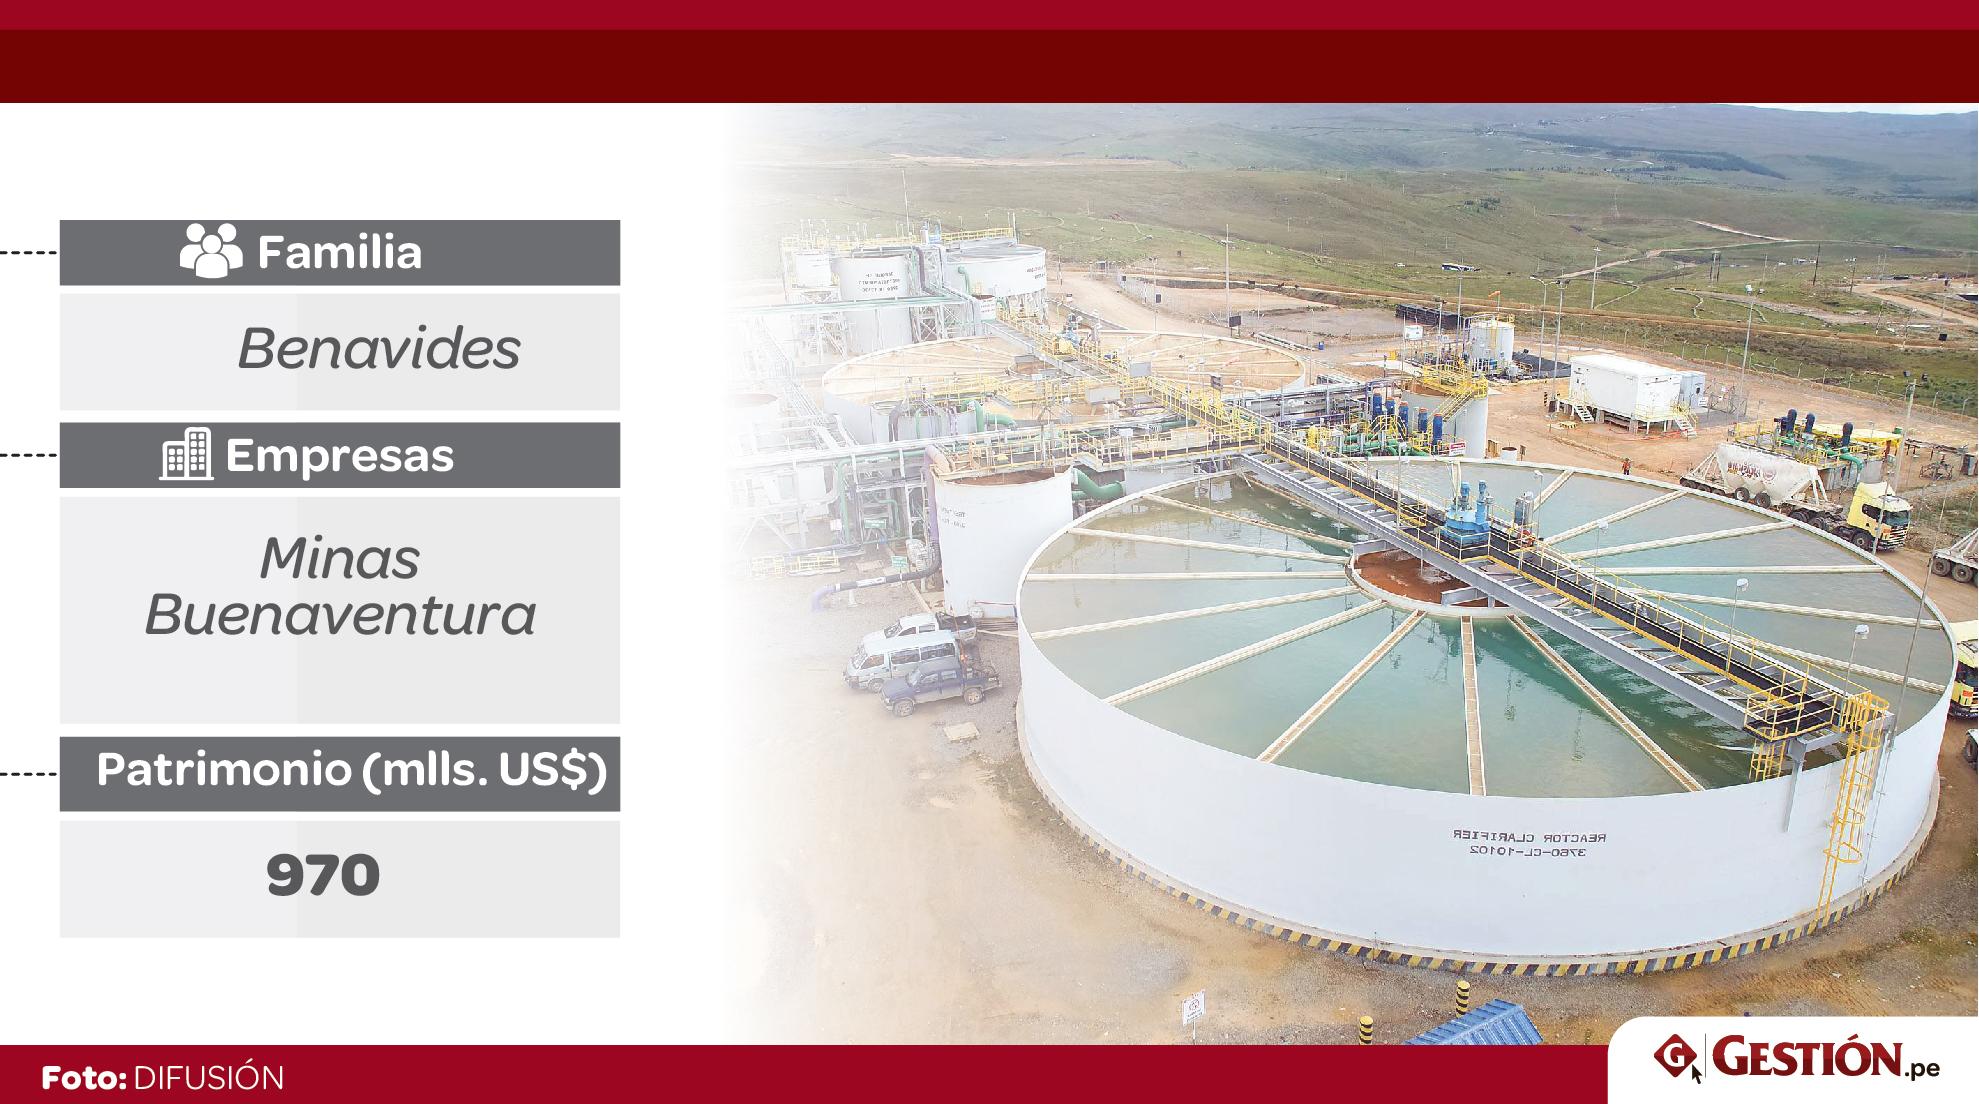 Perú, empresas, millonarios, dinero, familias